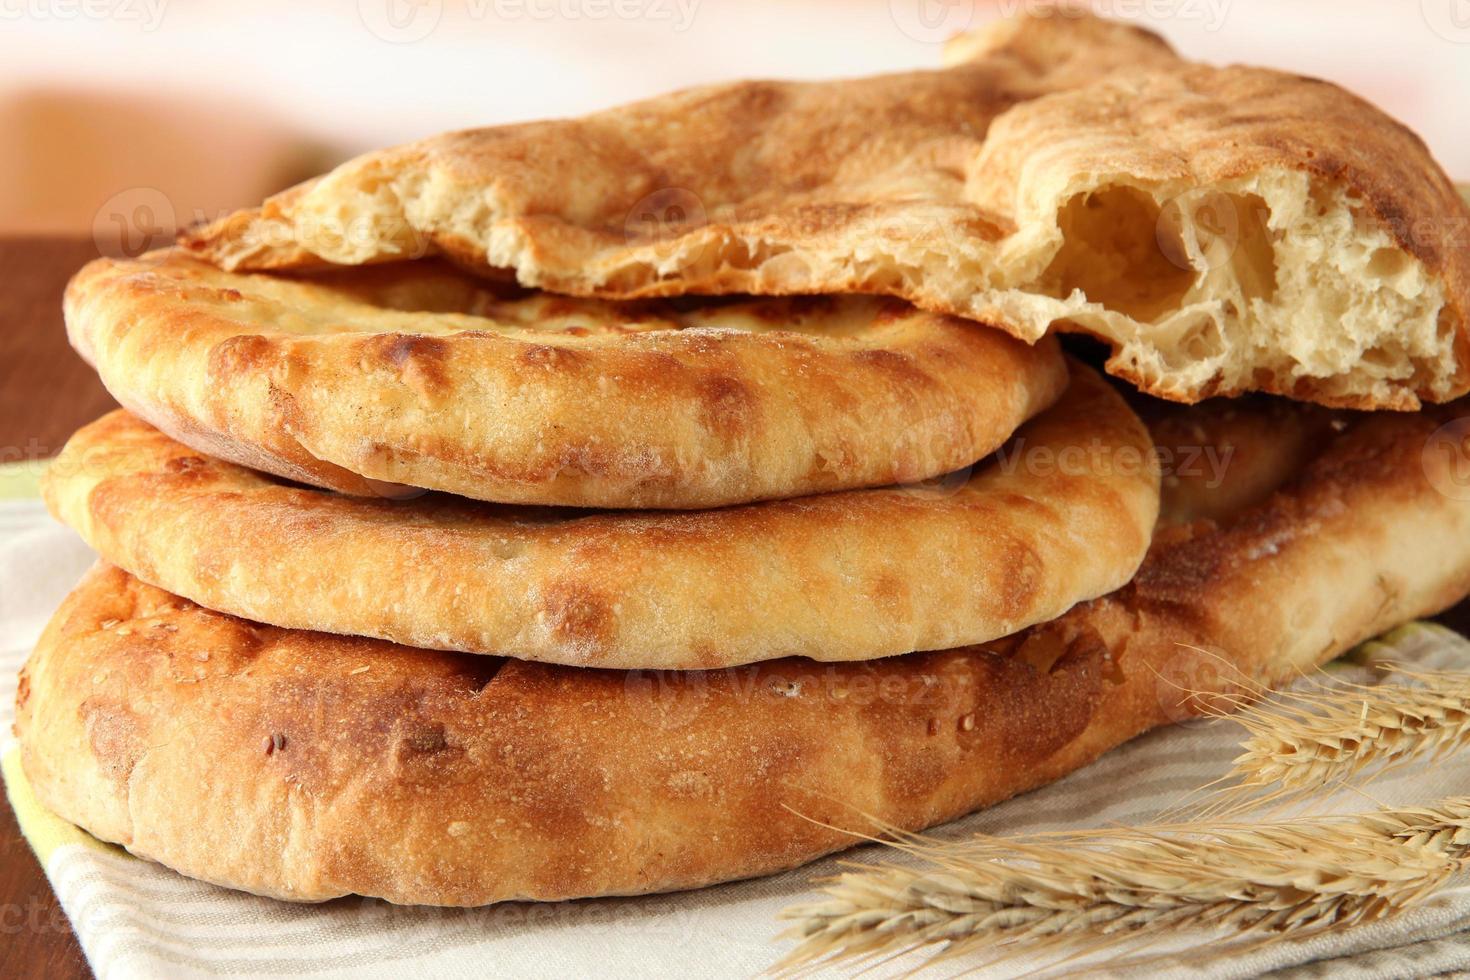 pães pita com picos na mesa, fundo brilhante foto